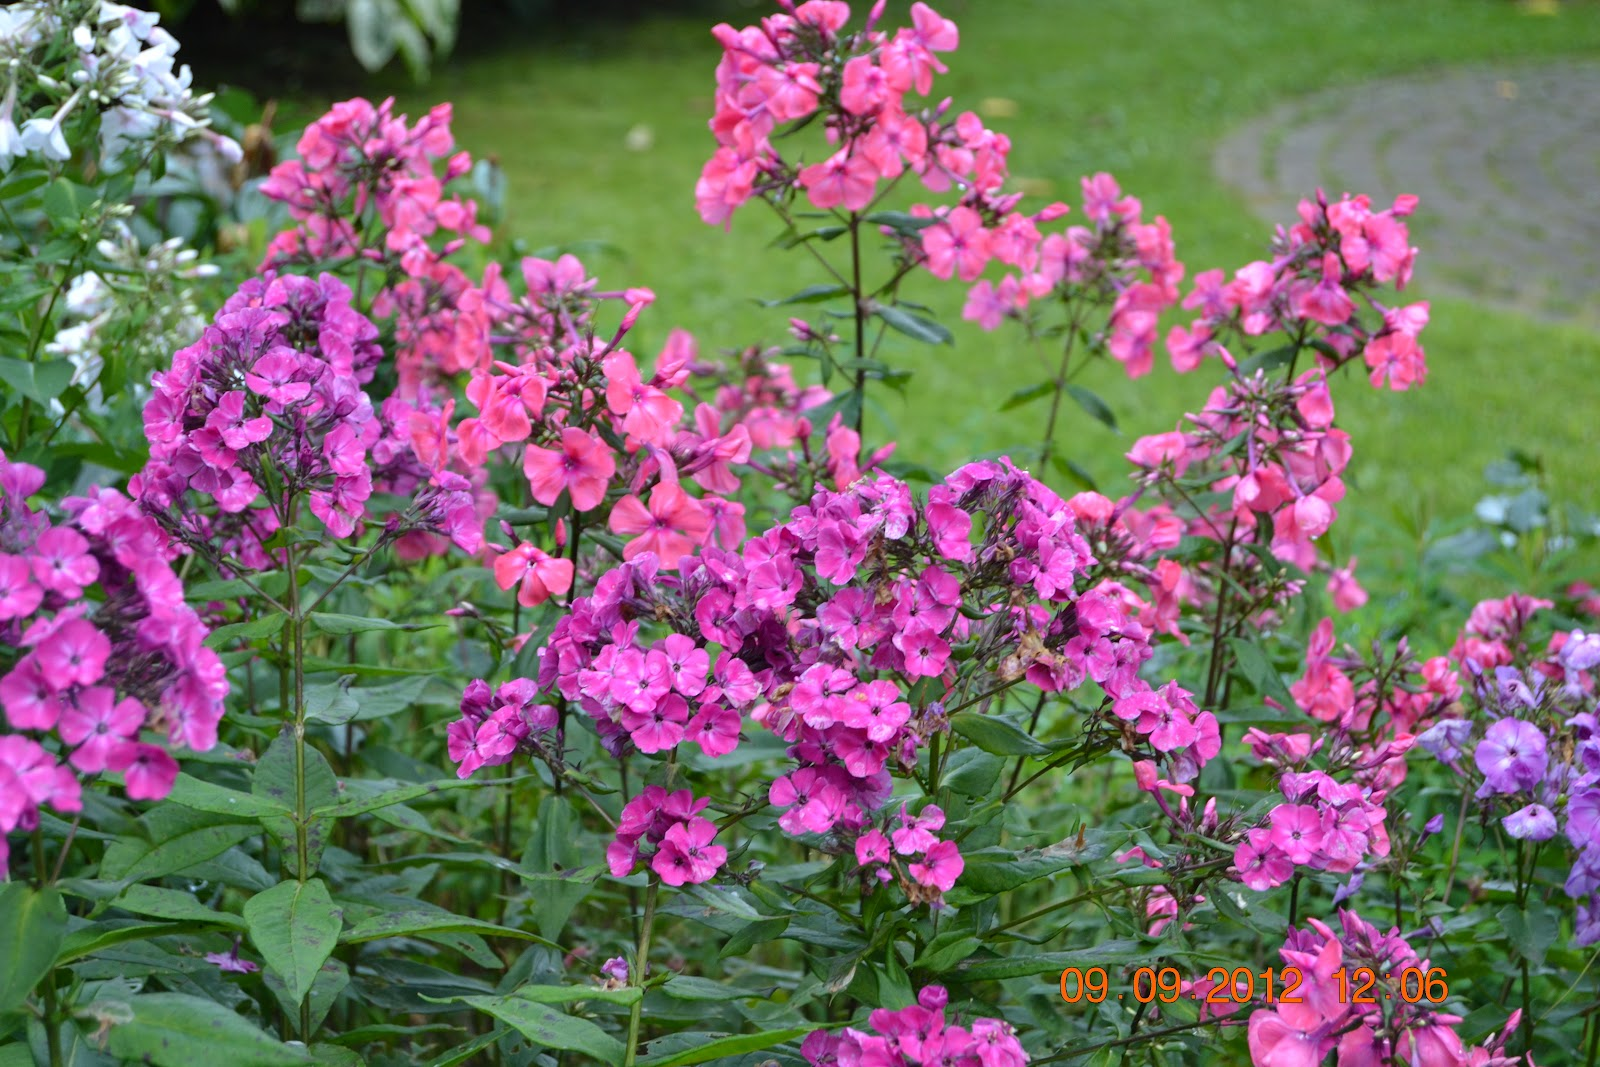 Viimeisiä kukkijoita – The last bloomers